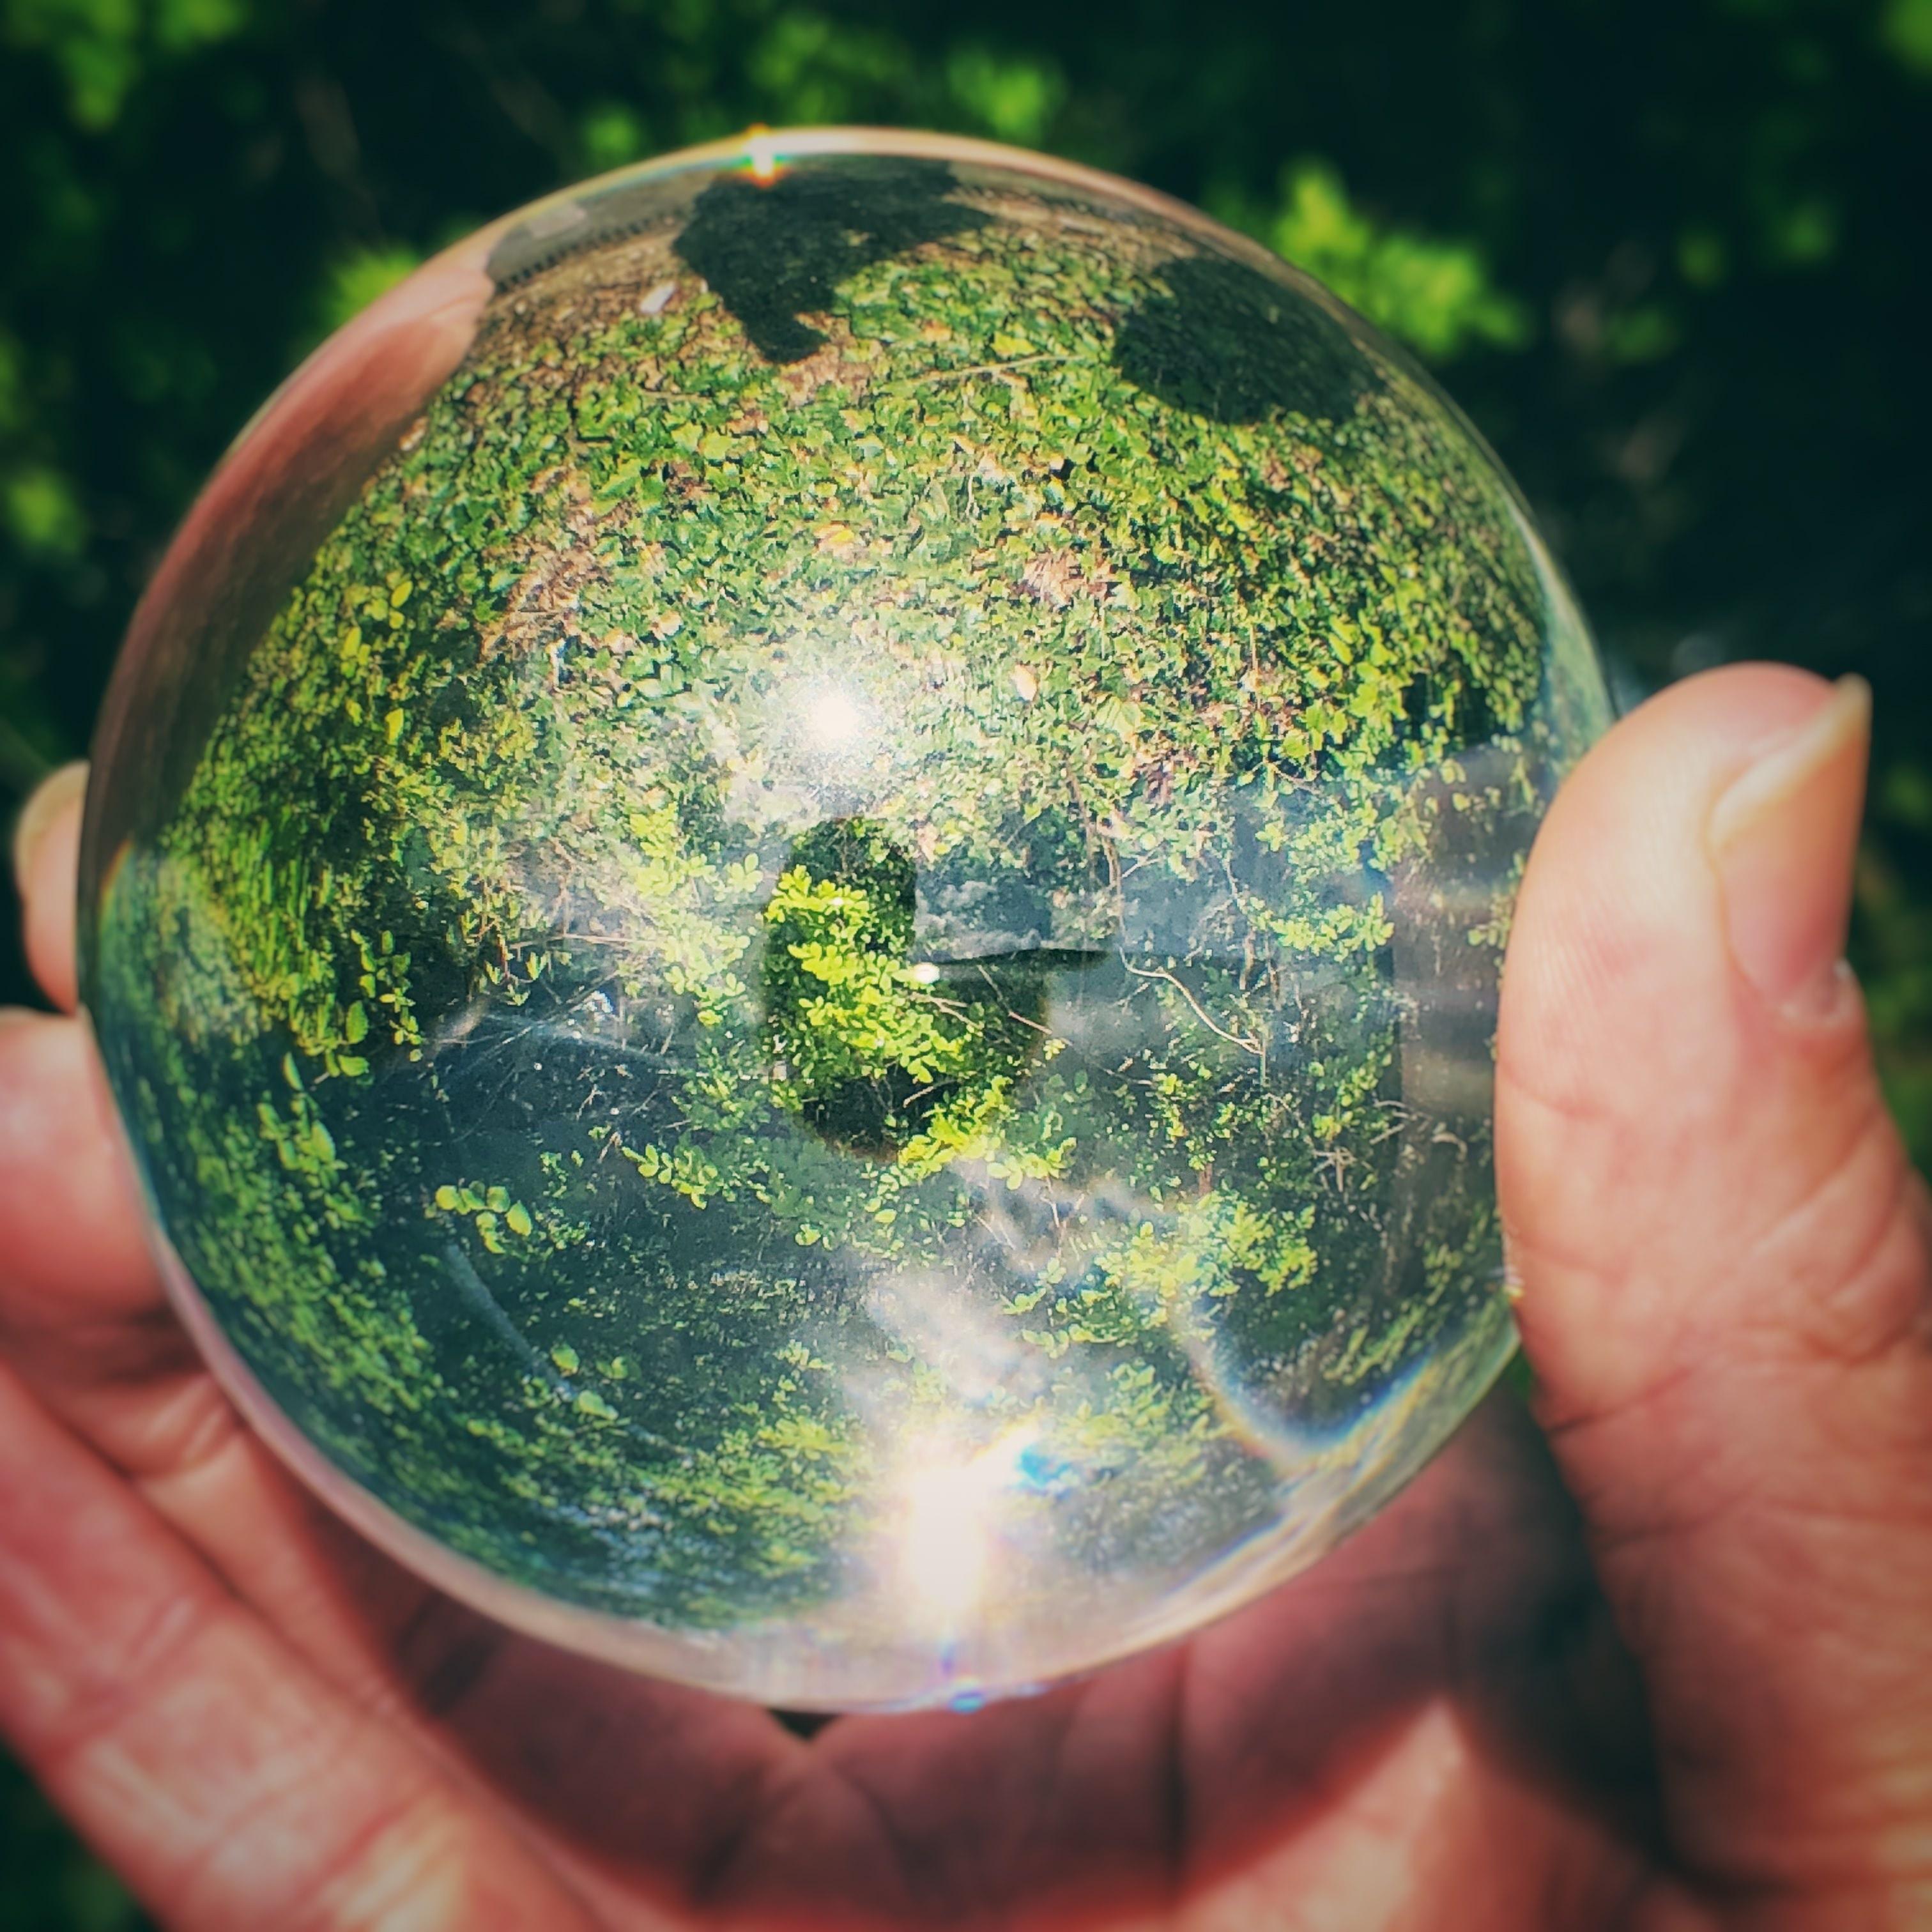 Lensball Pro Review   ePHOTOzine